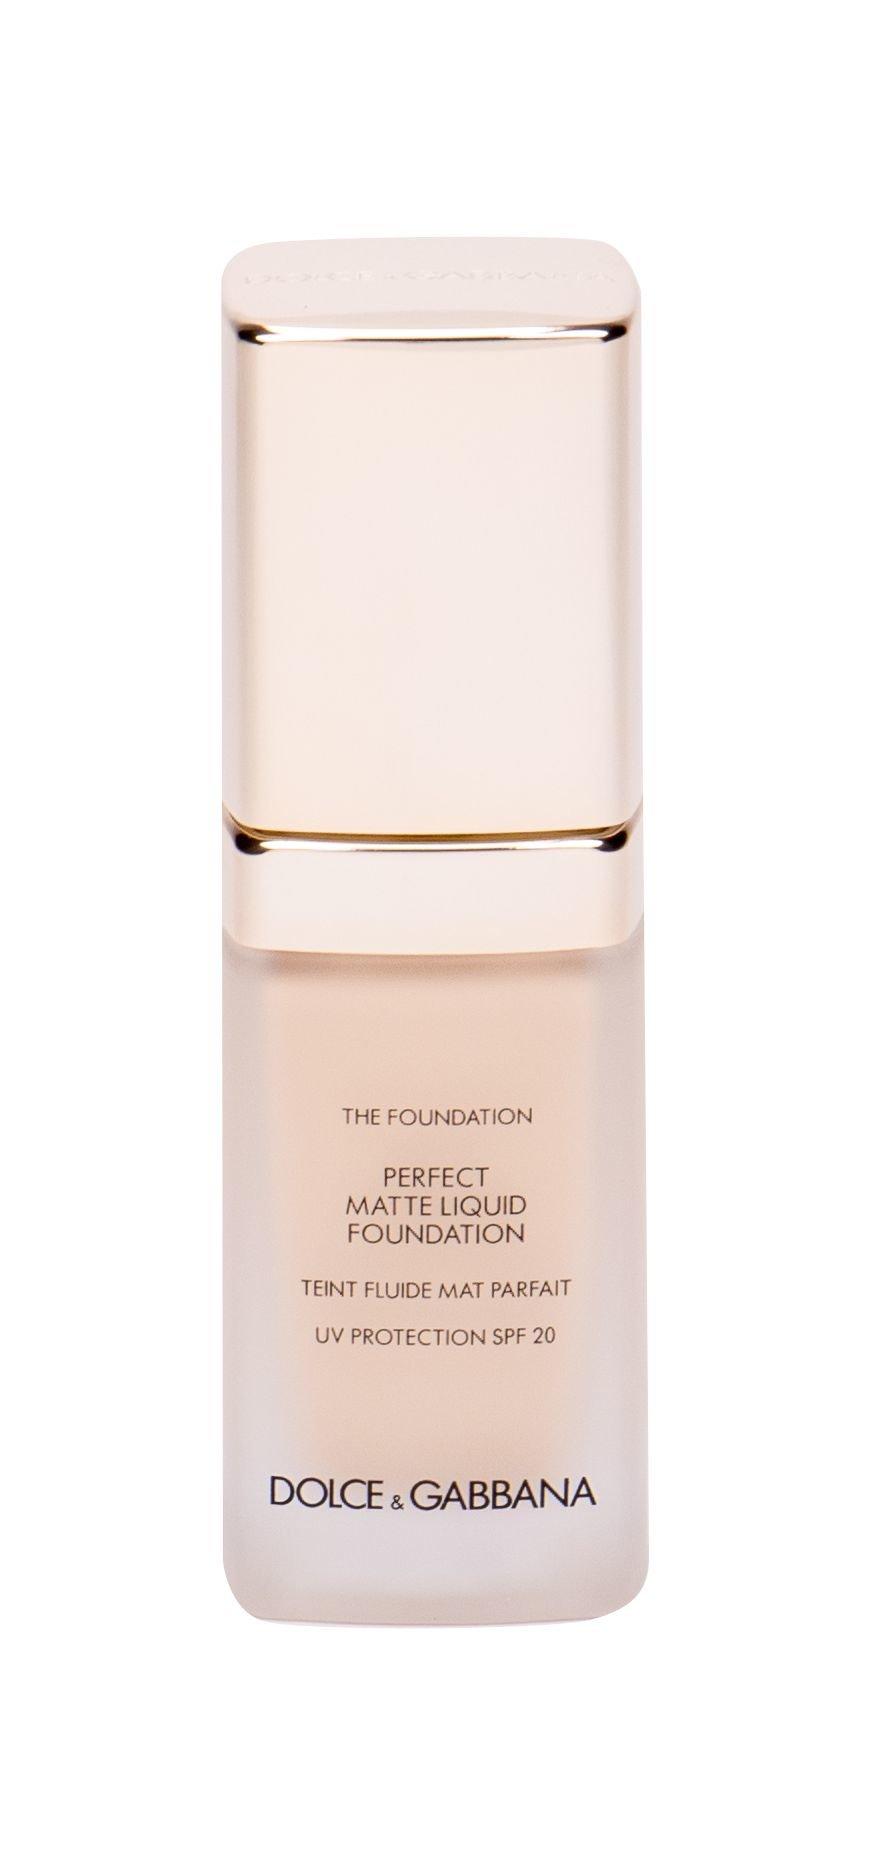 Dolce&Gabbana Velvetskin Makeup 30ml 60 Classic Perfect Matte Fluid